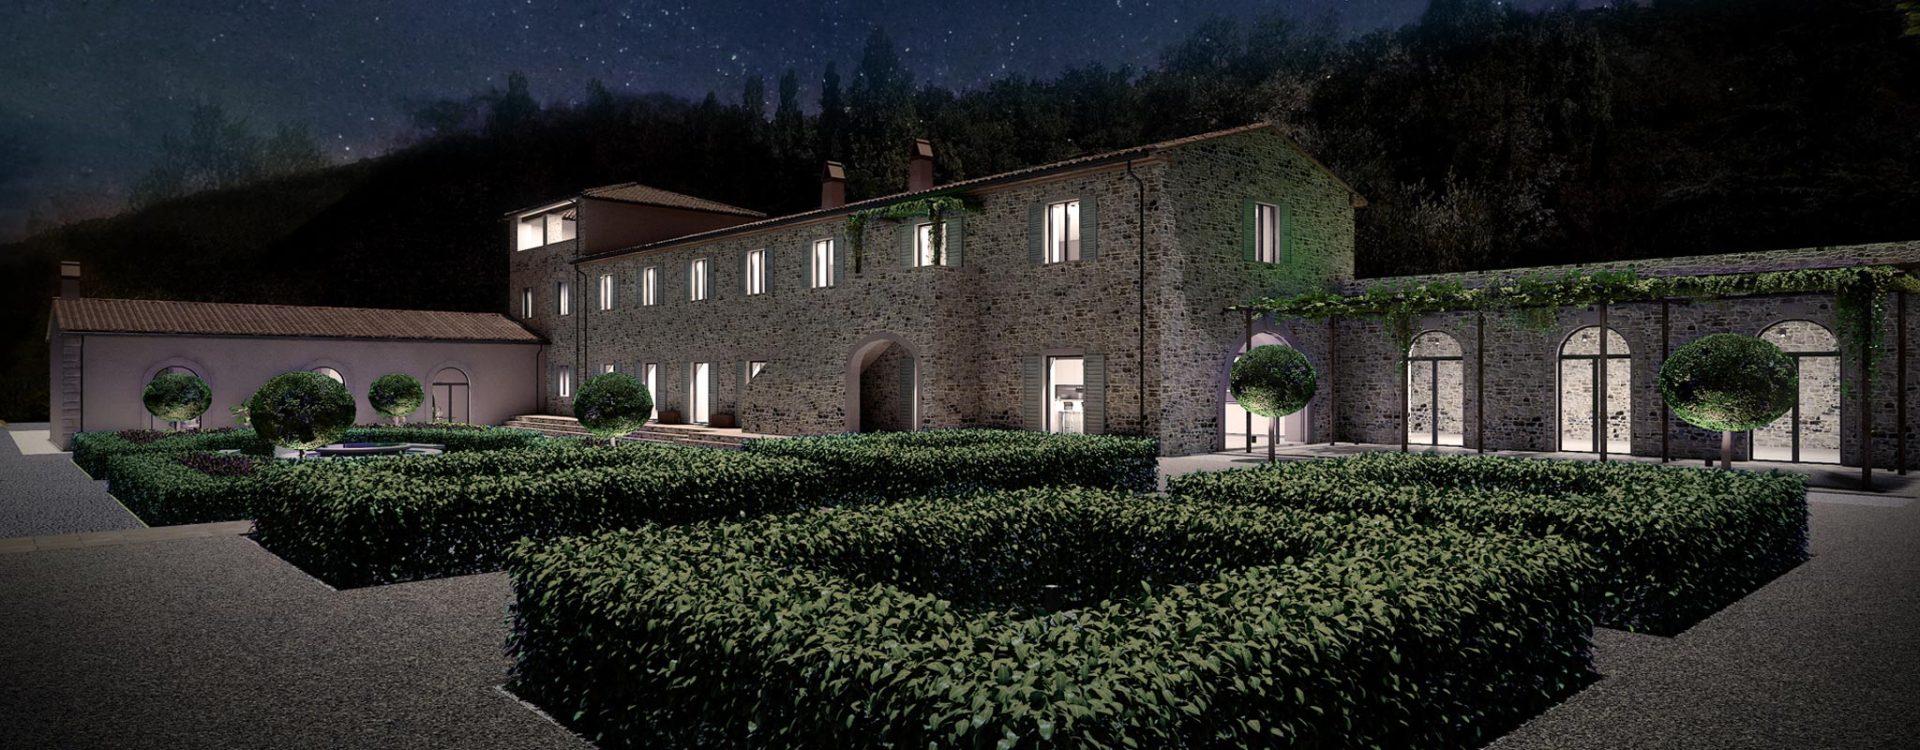 poggio_belveduto_properties_sale_umbria_subheader